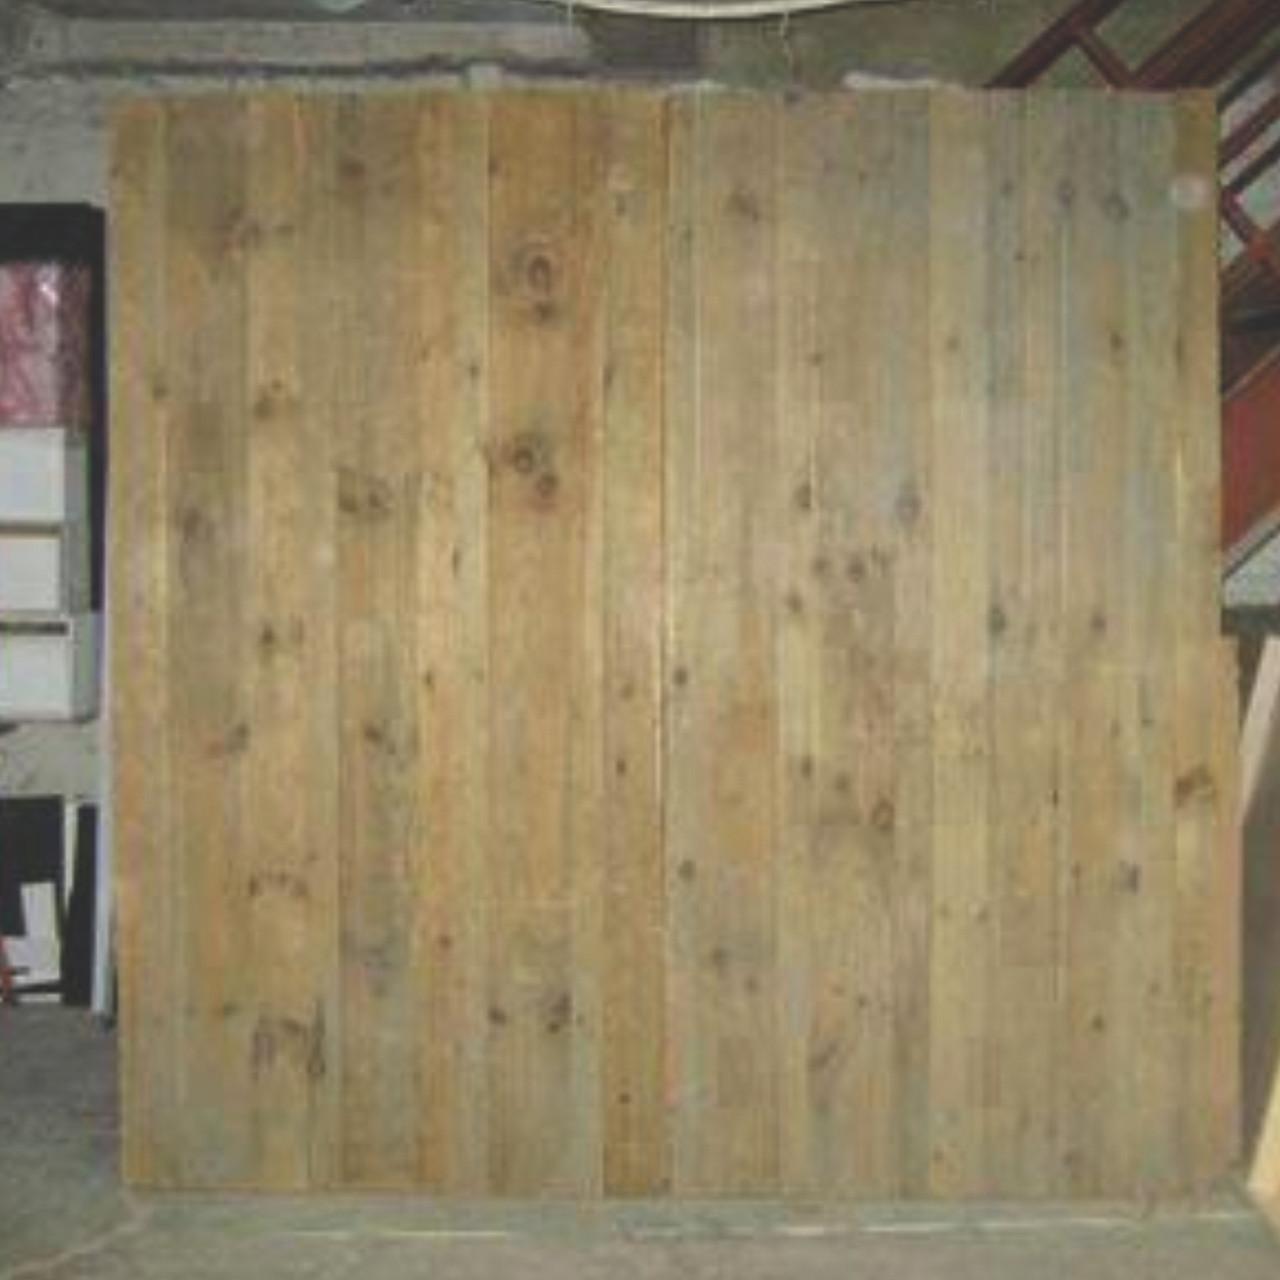 4' x 8' Barn wood, Flats